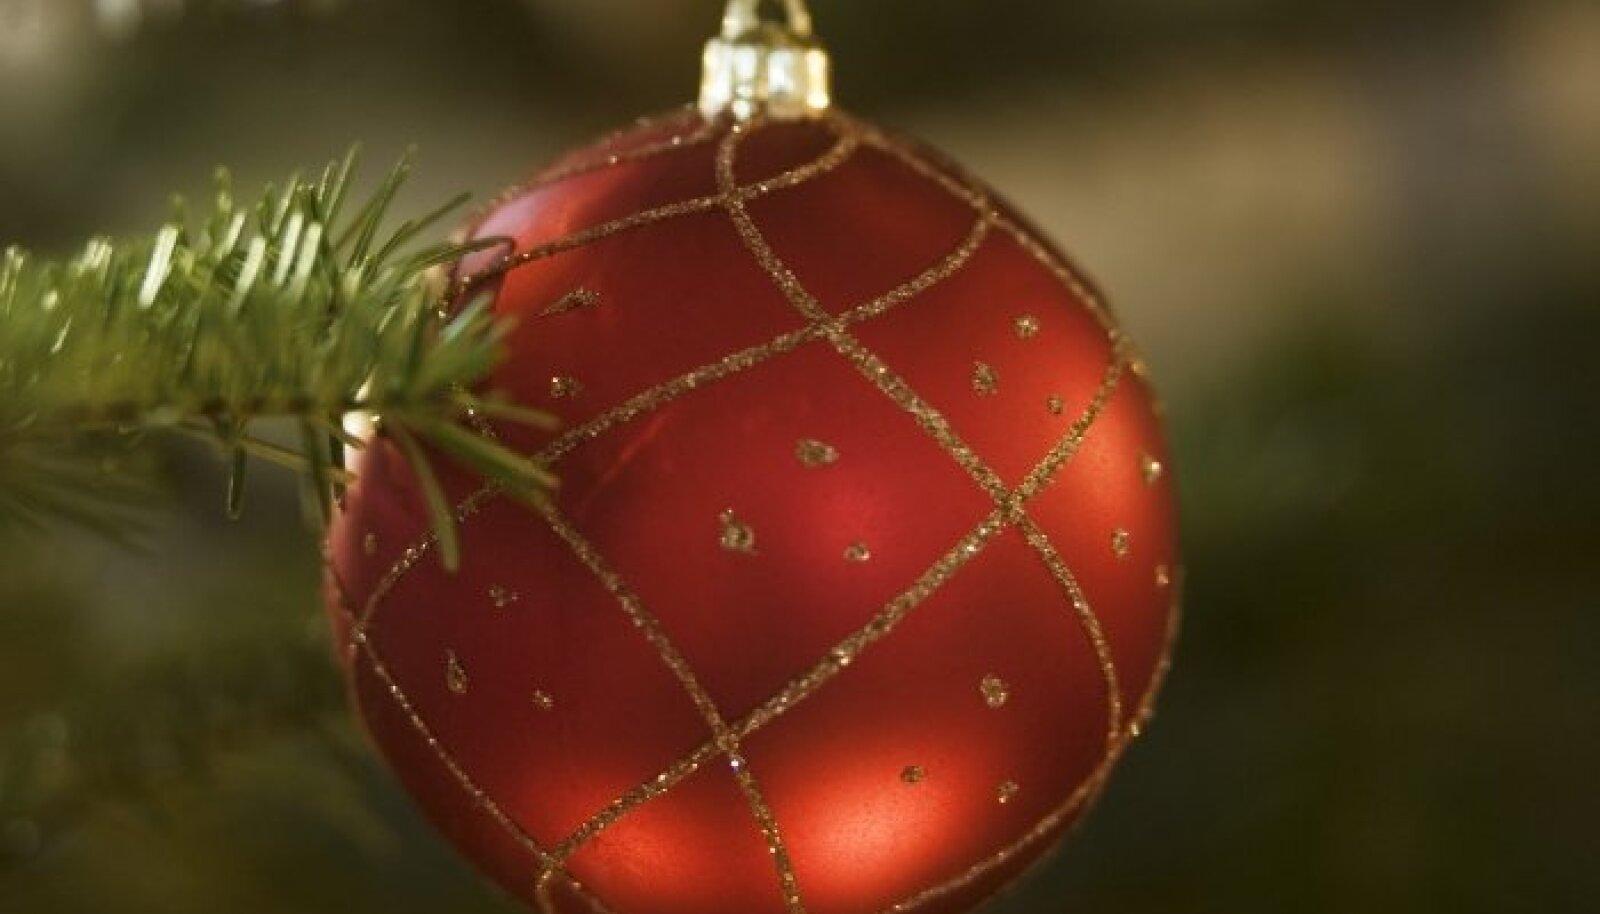 Igas peres hiilis mõni laps või kamp lapsi aeg-ajalt akna juurde piiluma, kas päkapikud on juba ära käinud või kas jõulutaat tuleb.